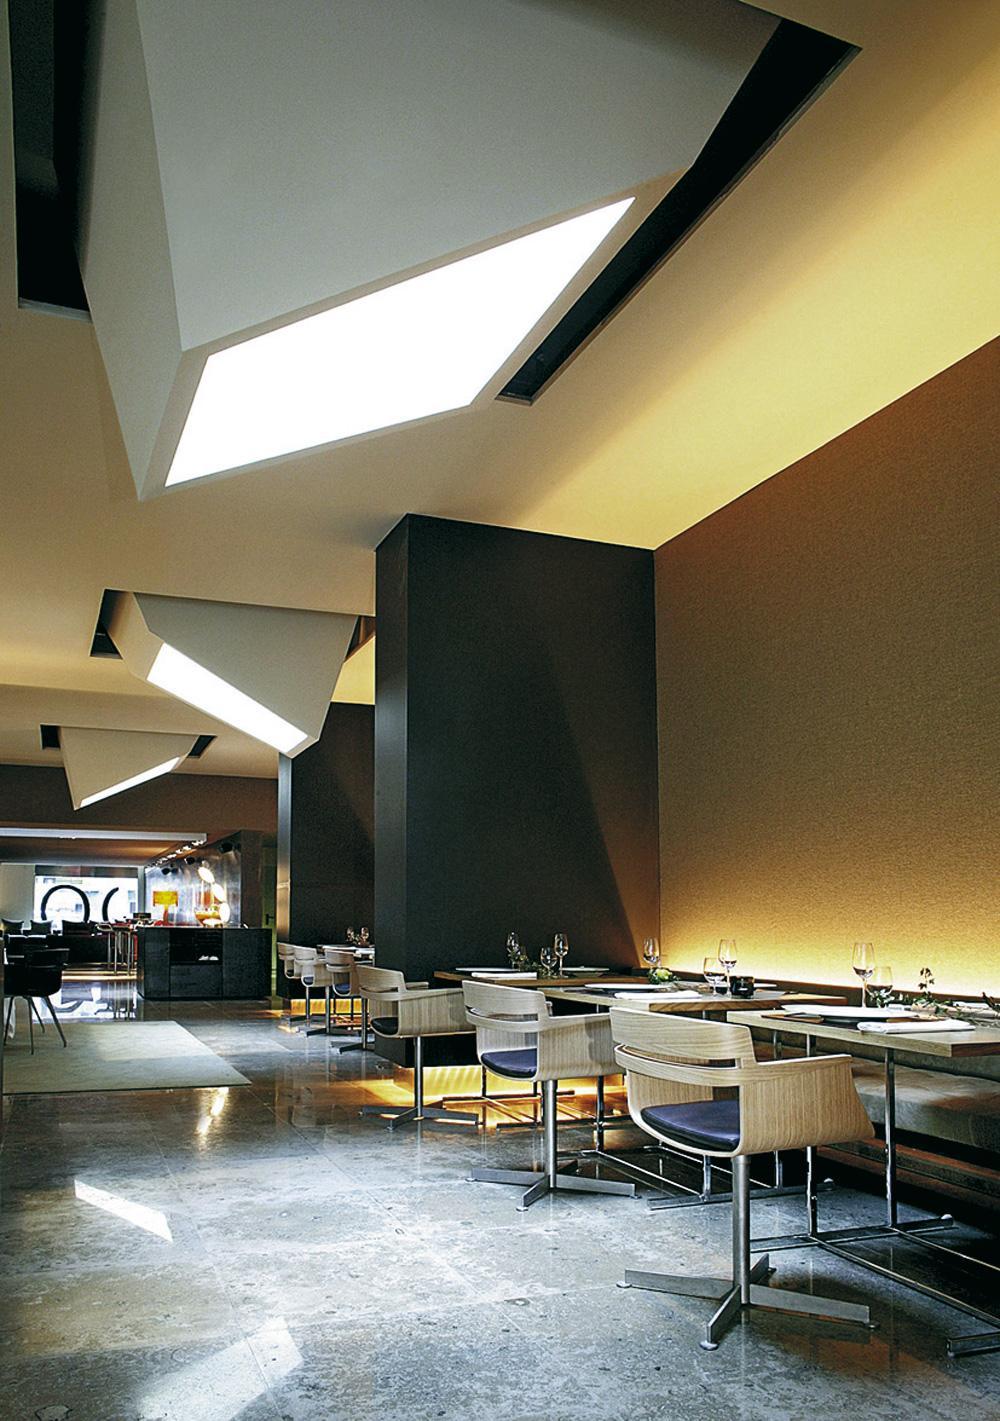 design hotel in barcelona detail inspiration. Black Bedroom Furniture Sets. Home Design Ideas